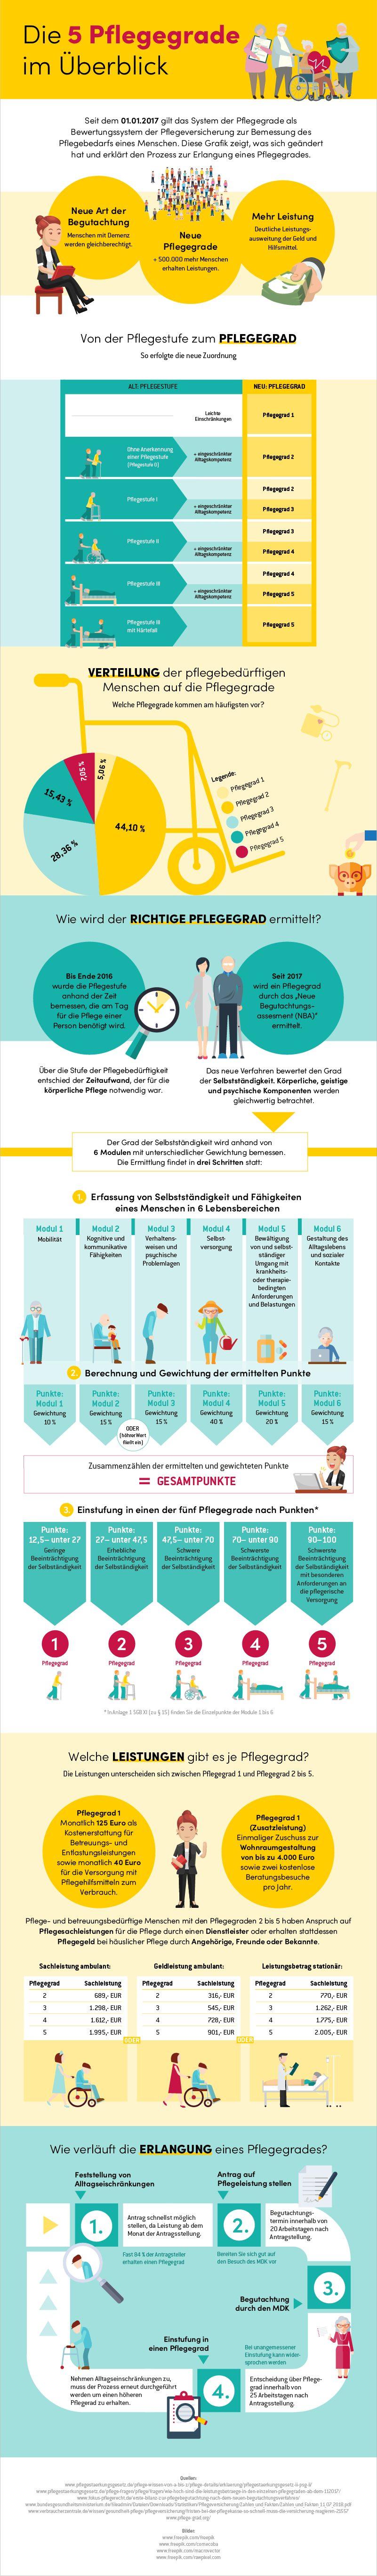 Die fünf Pflegegrade grafisch dargestellt